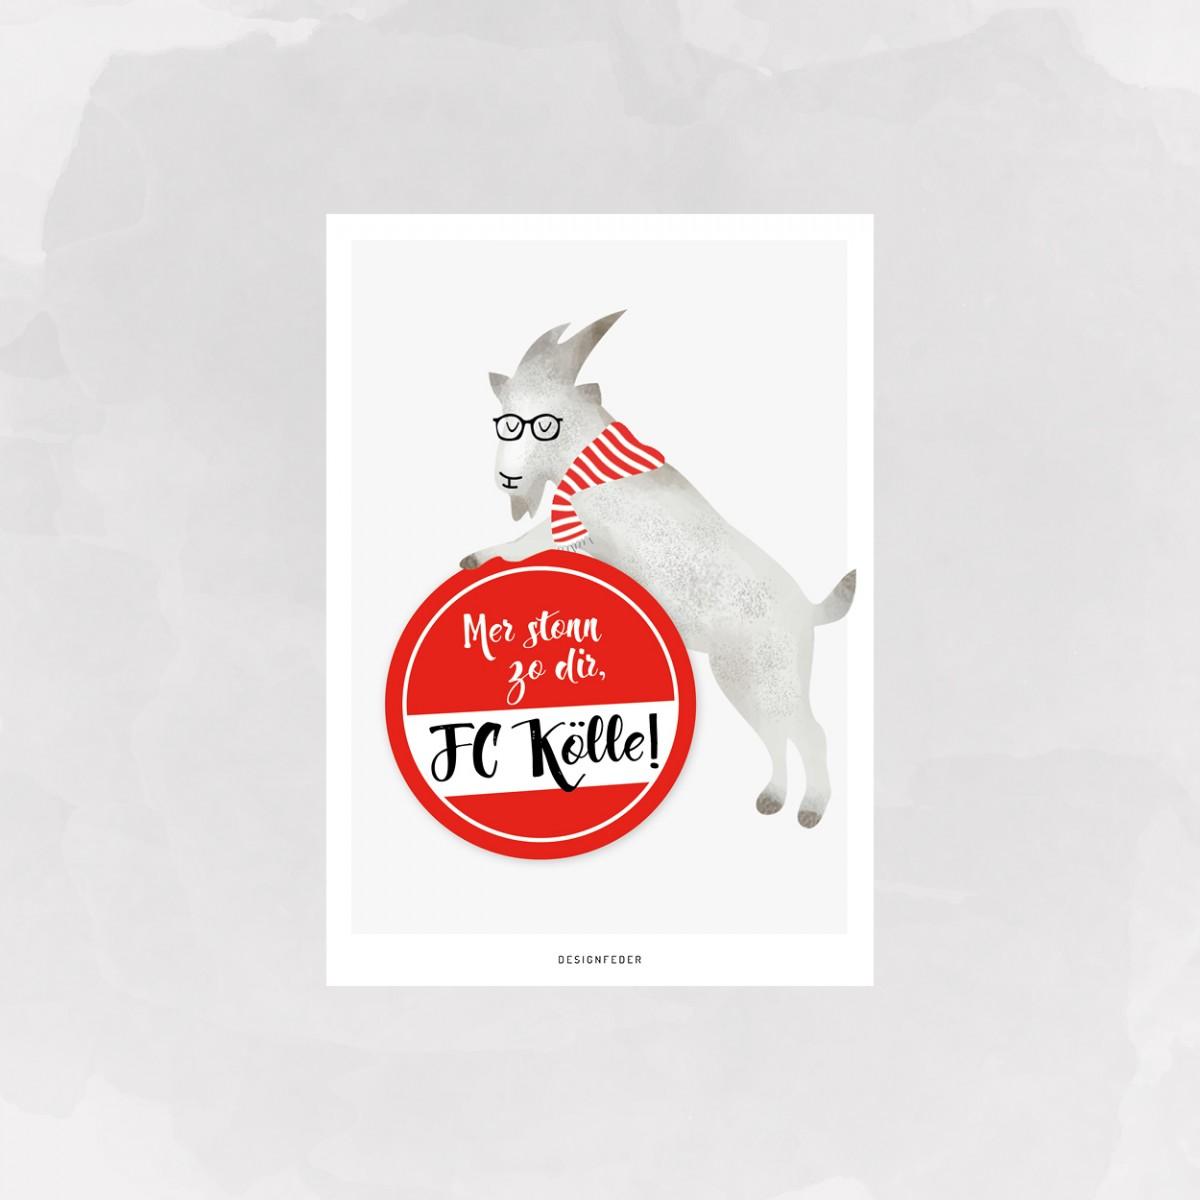 designfeder | Postkarte 1. FC Köln | Hennes